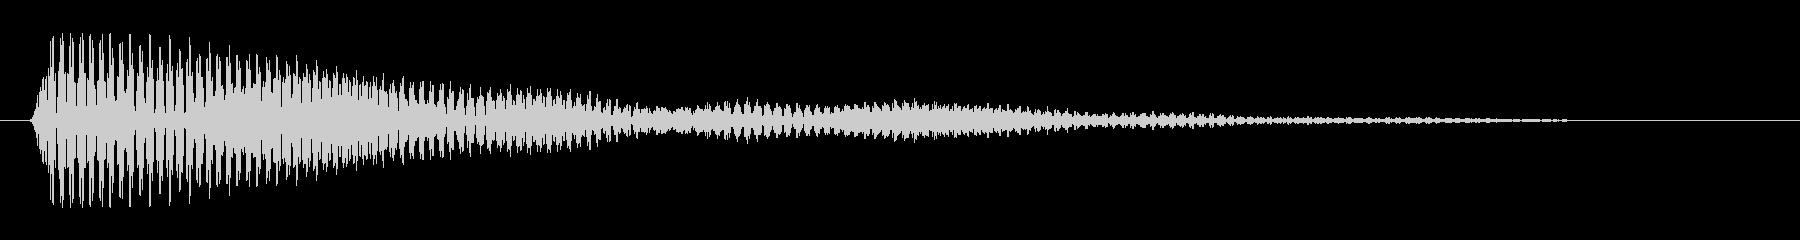 ポン(短いやや明るい音)の未再生の波形